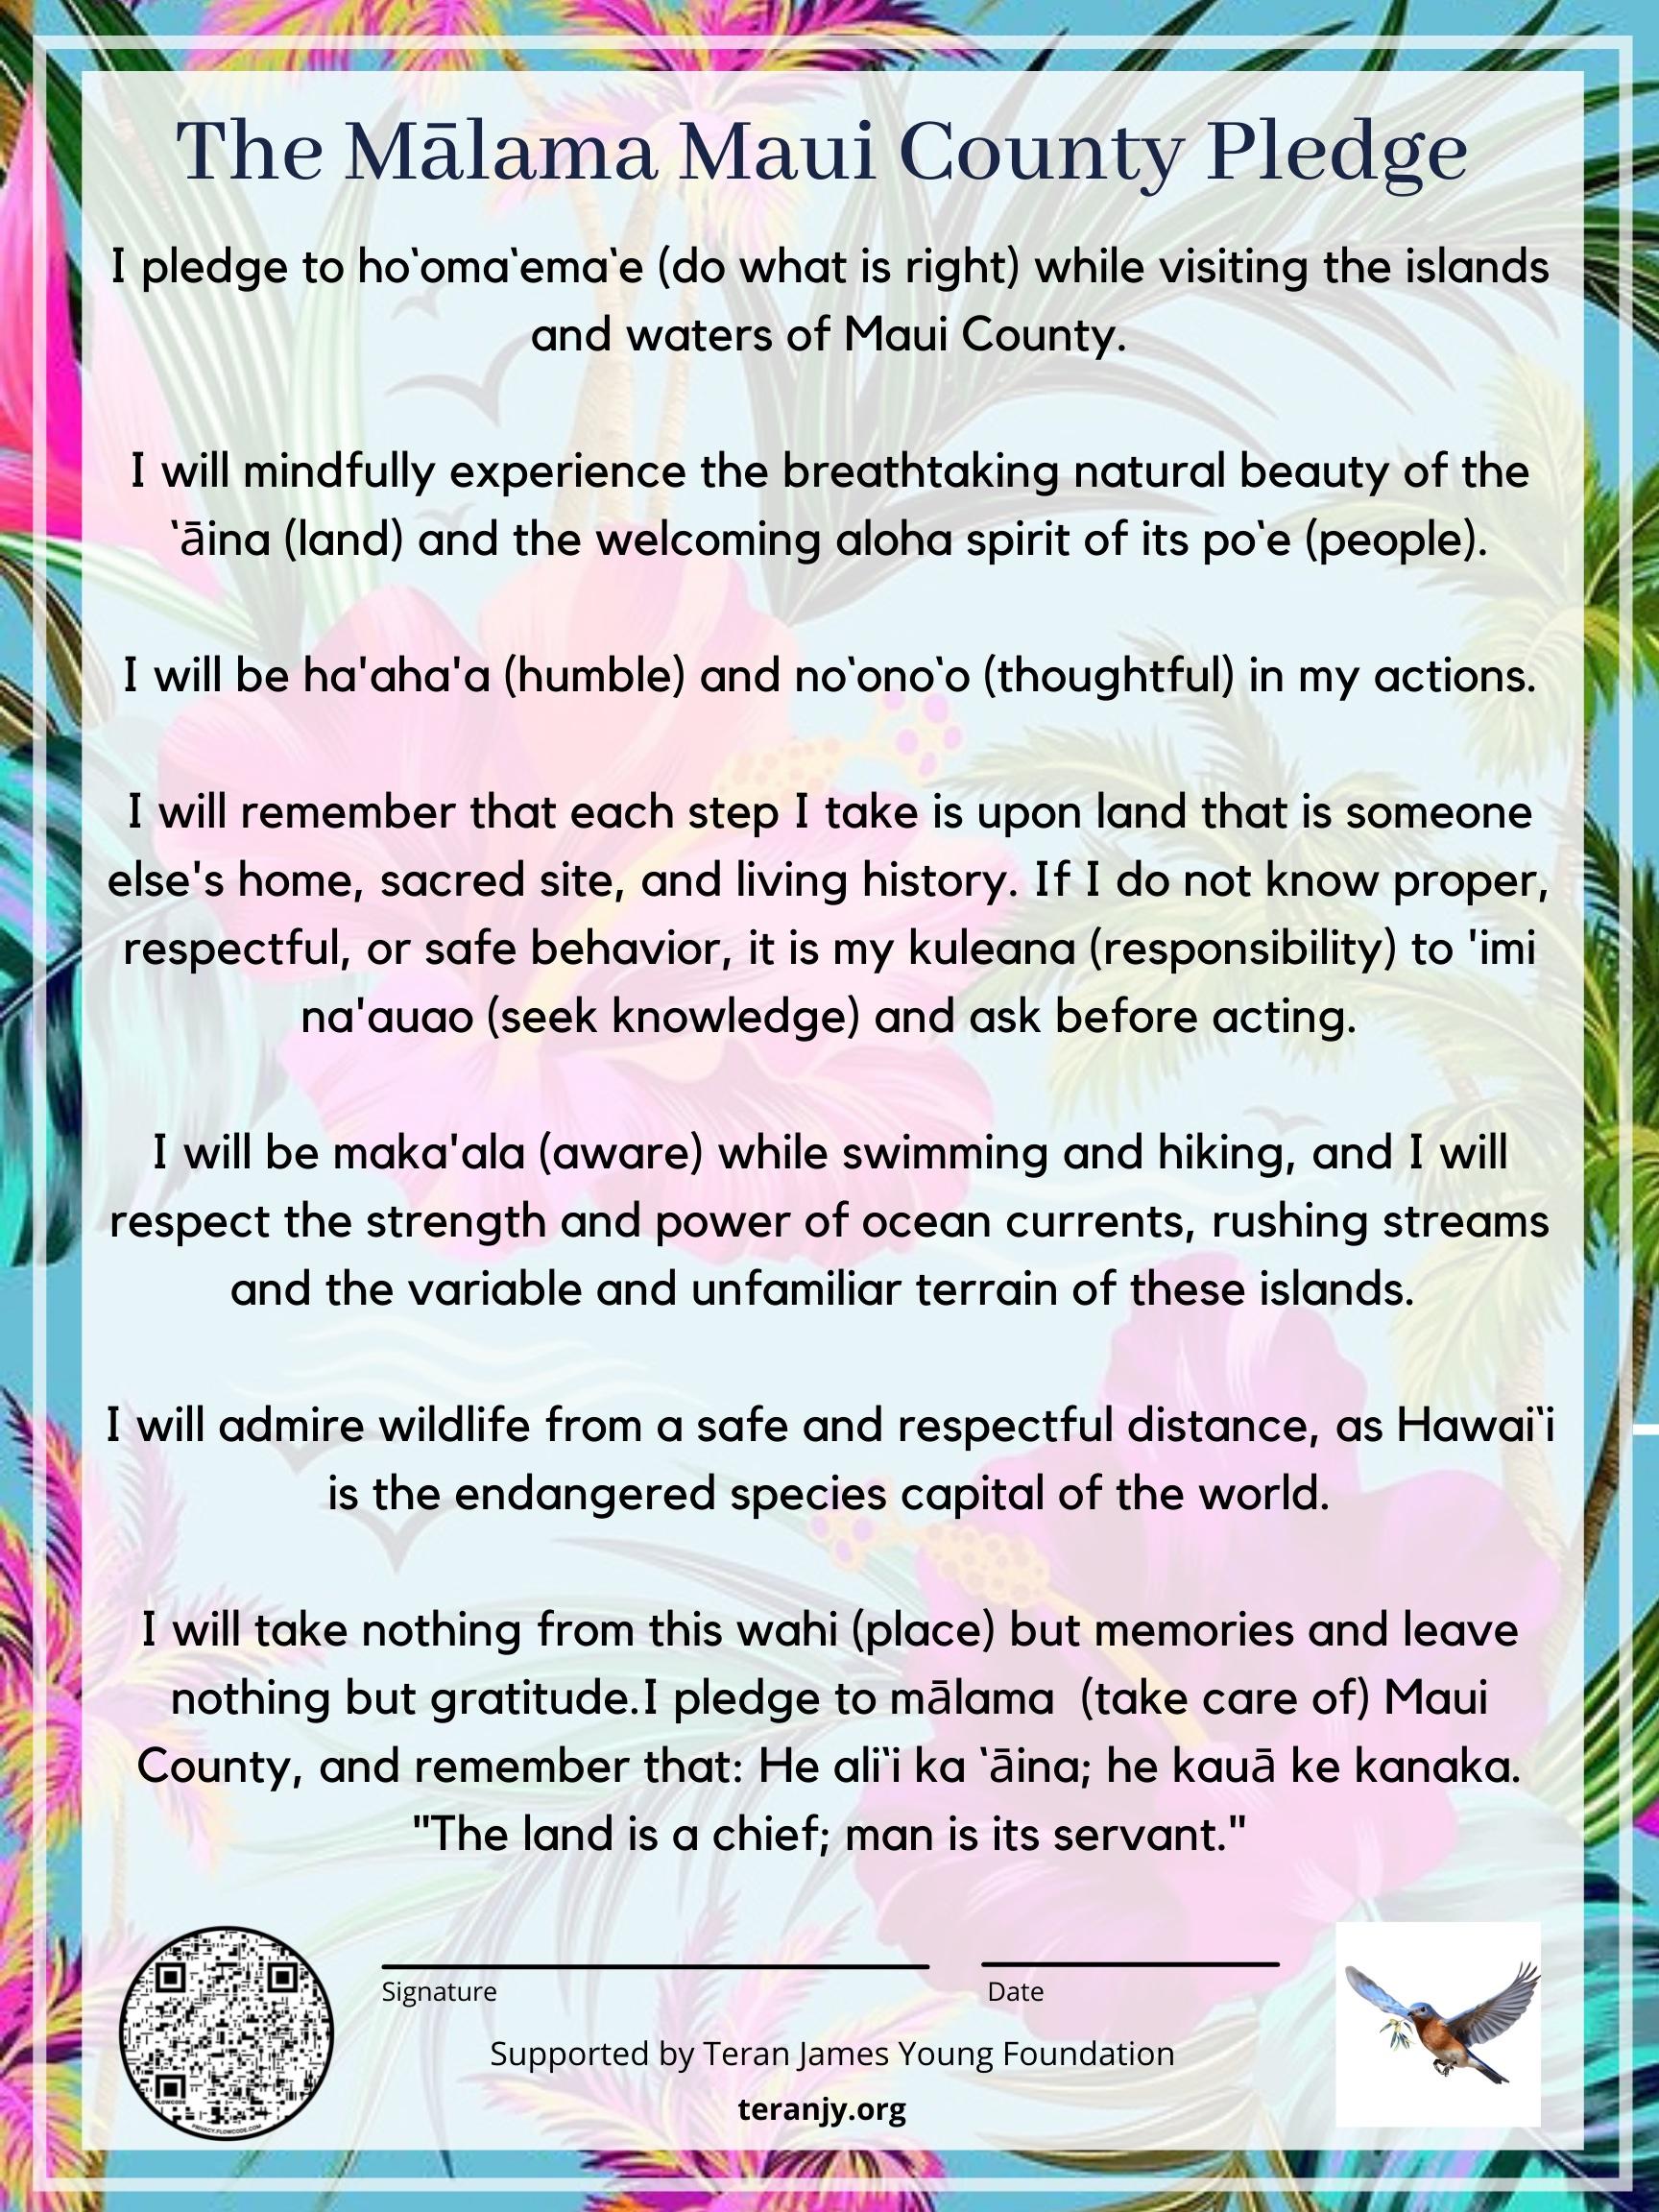 Mālama Maui County Pledge